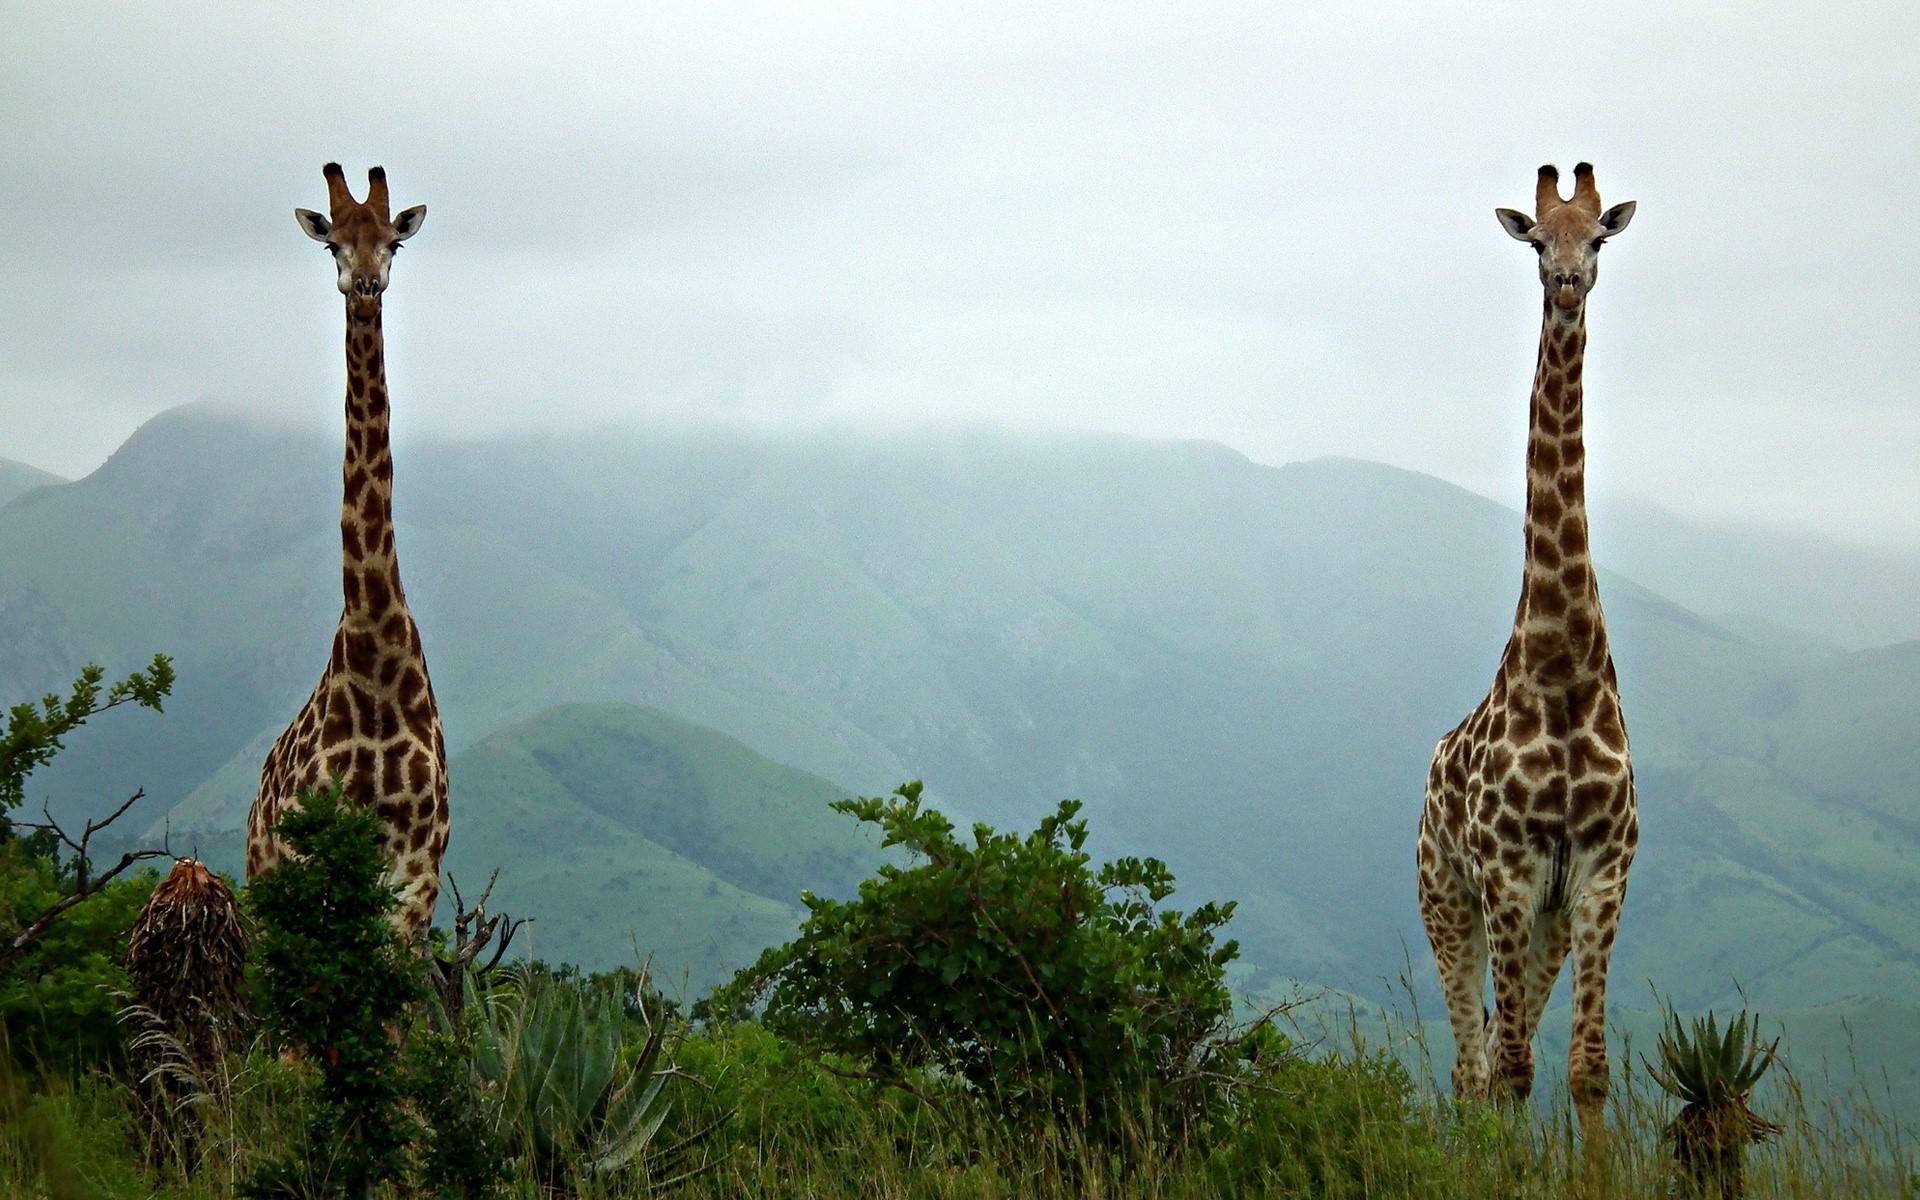 Giraffe Wallpapers 2